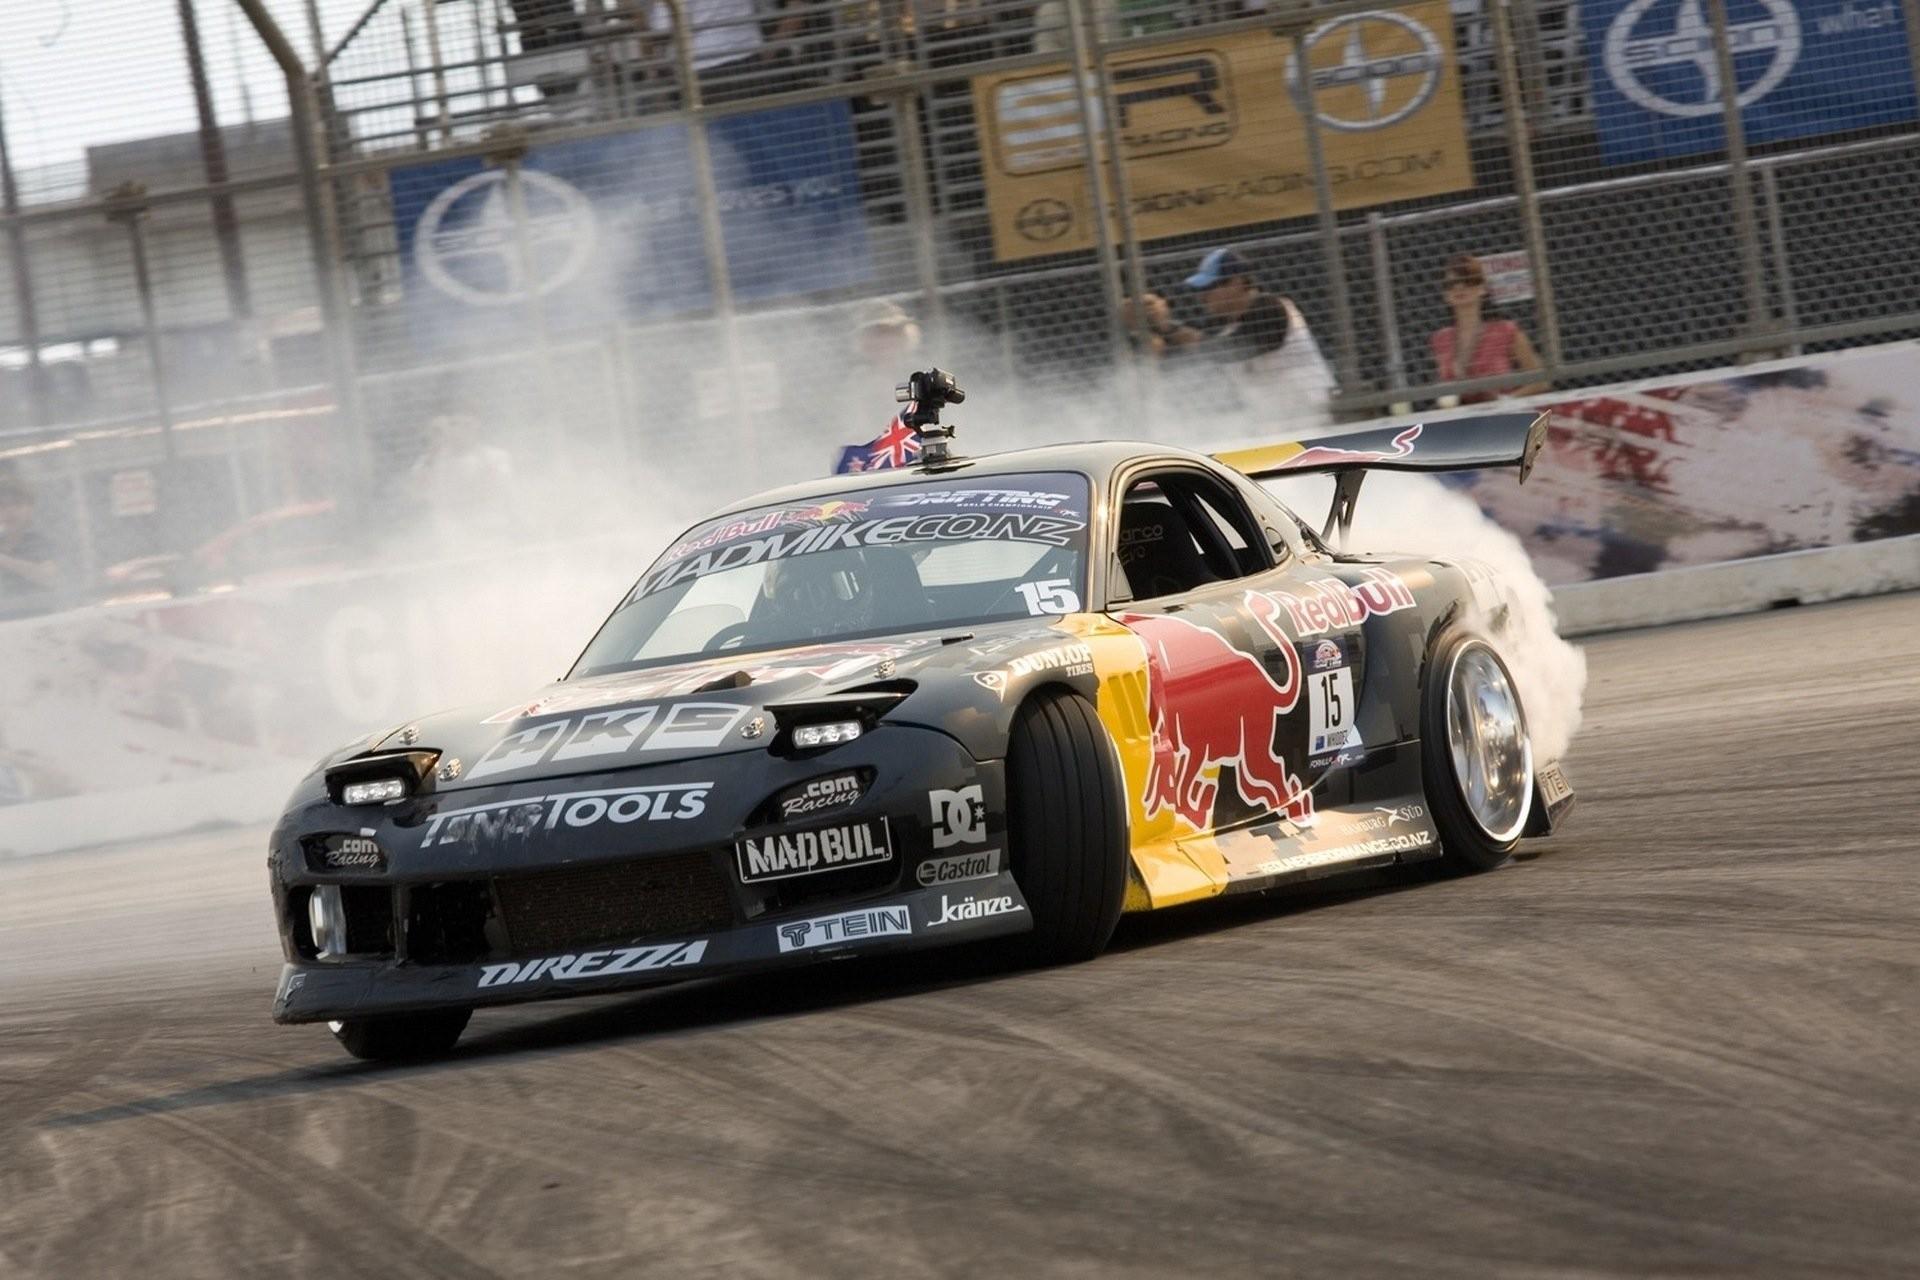 Drift wallpapers - Drift car wallpaper ...